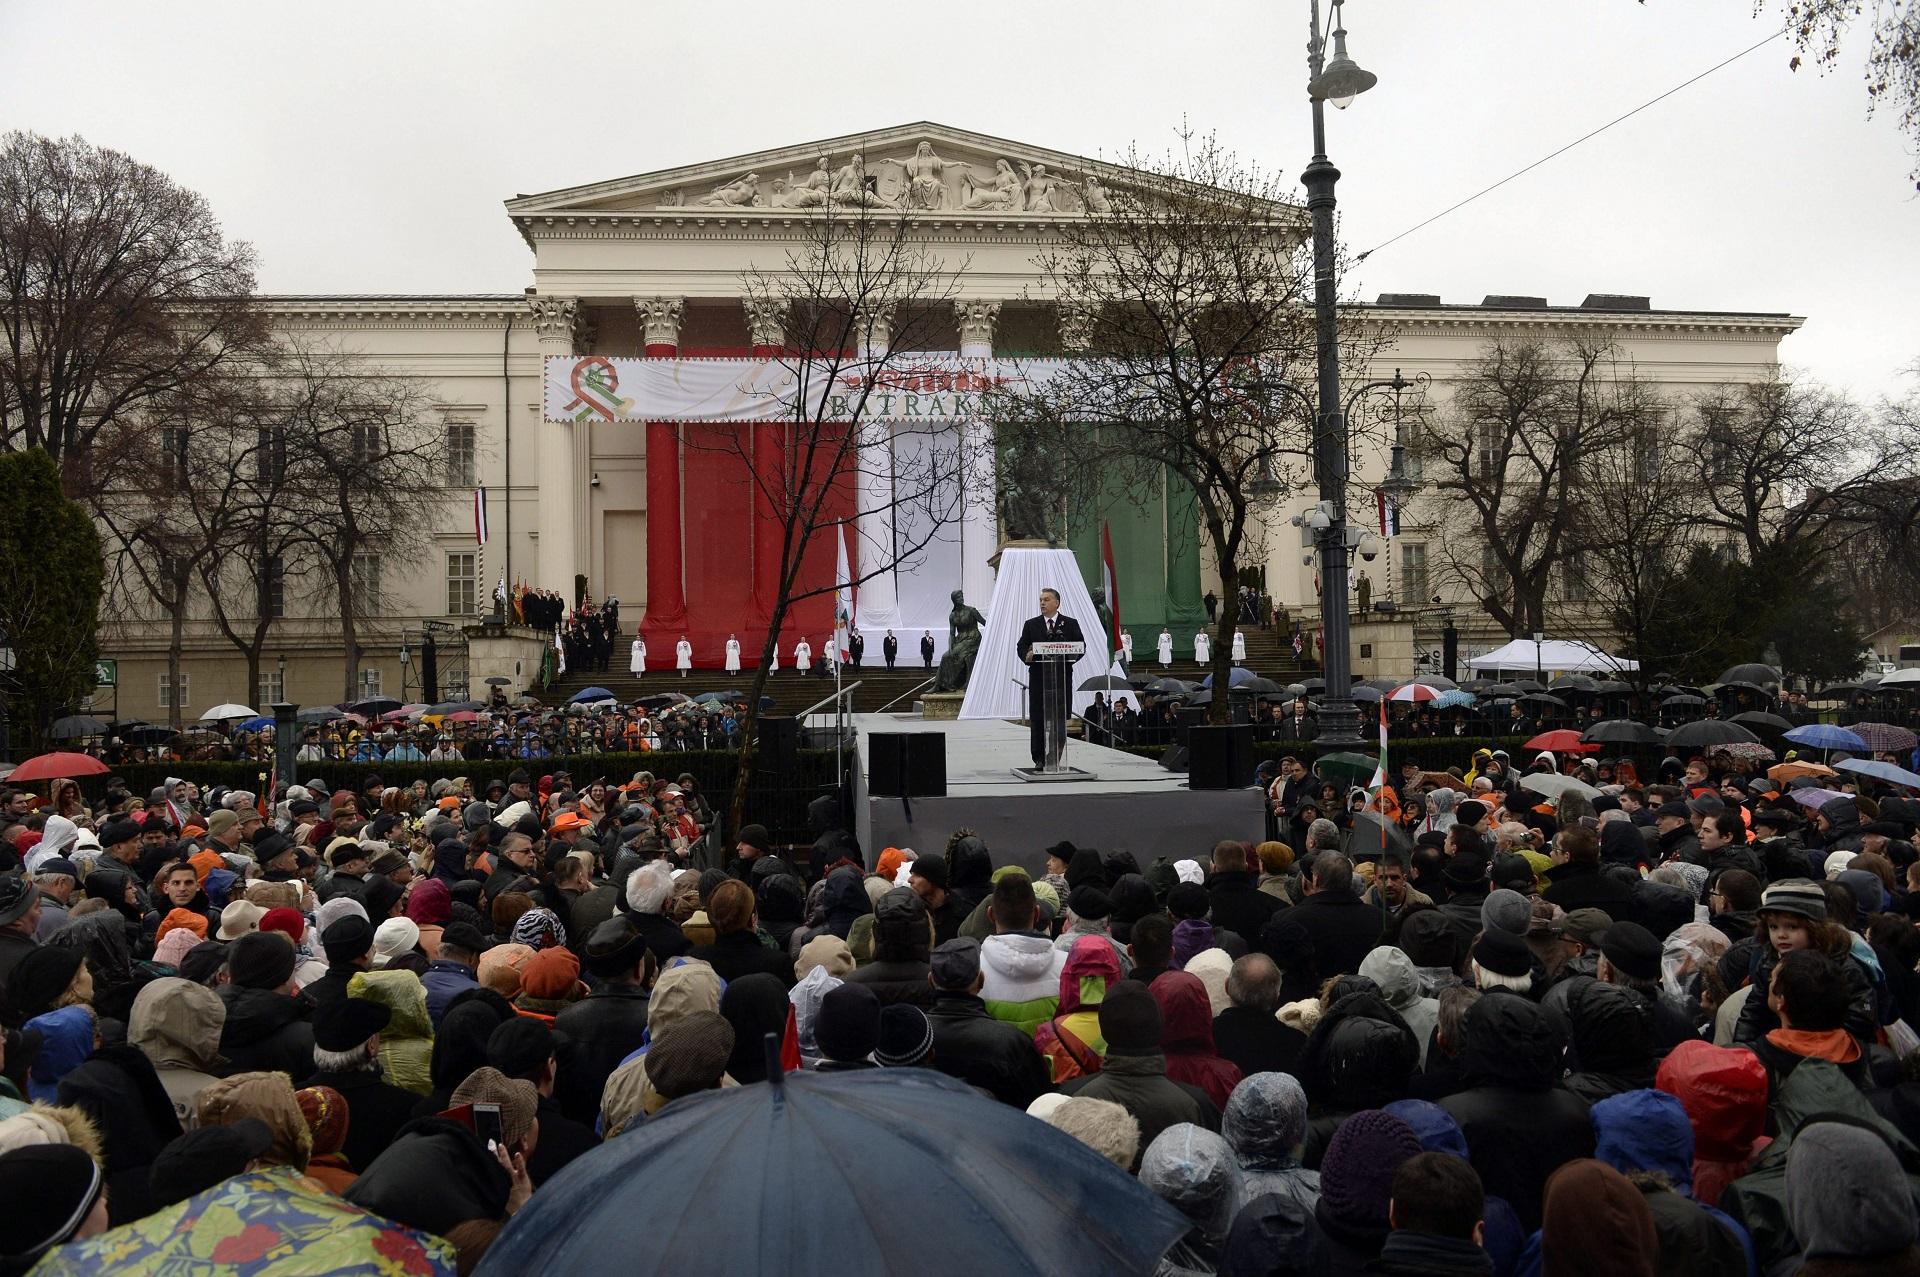 Szétfütyülték Orbán beszédét